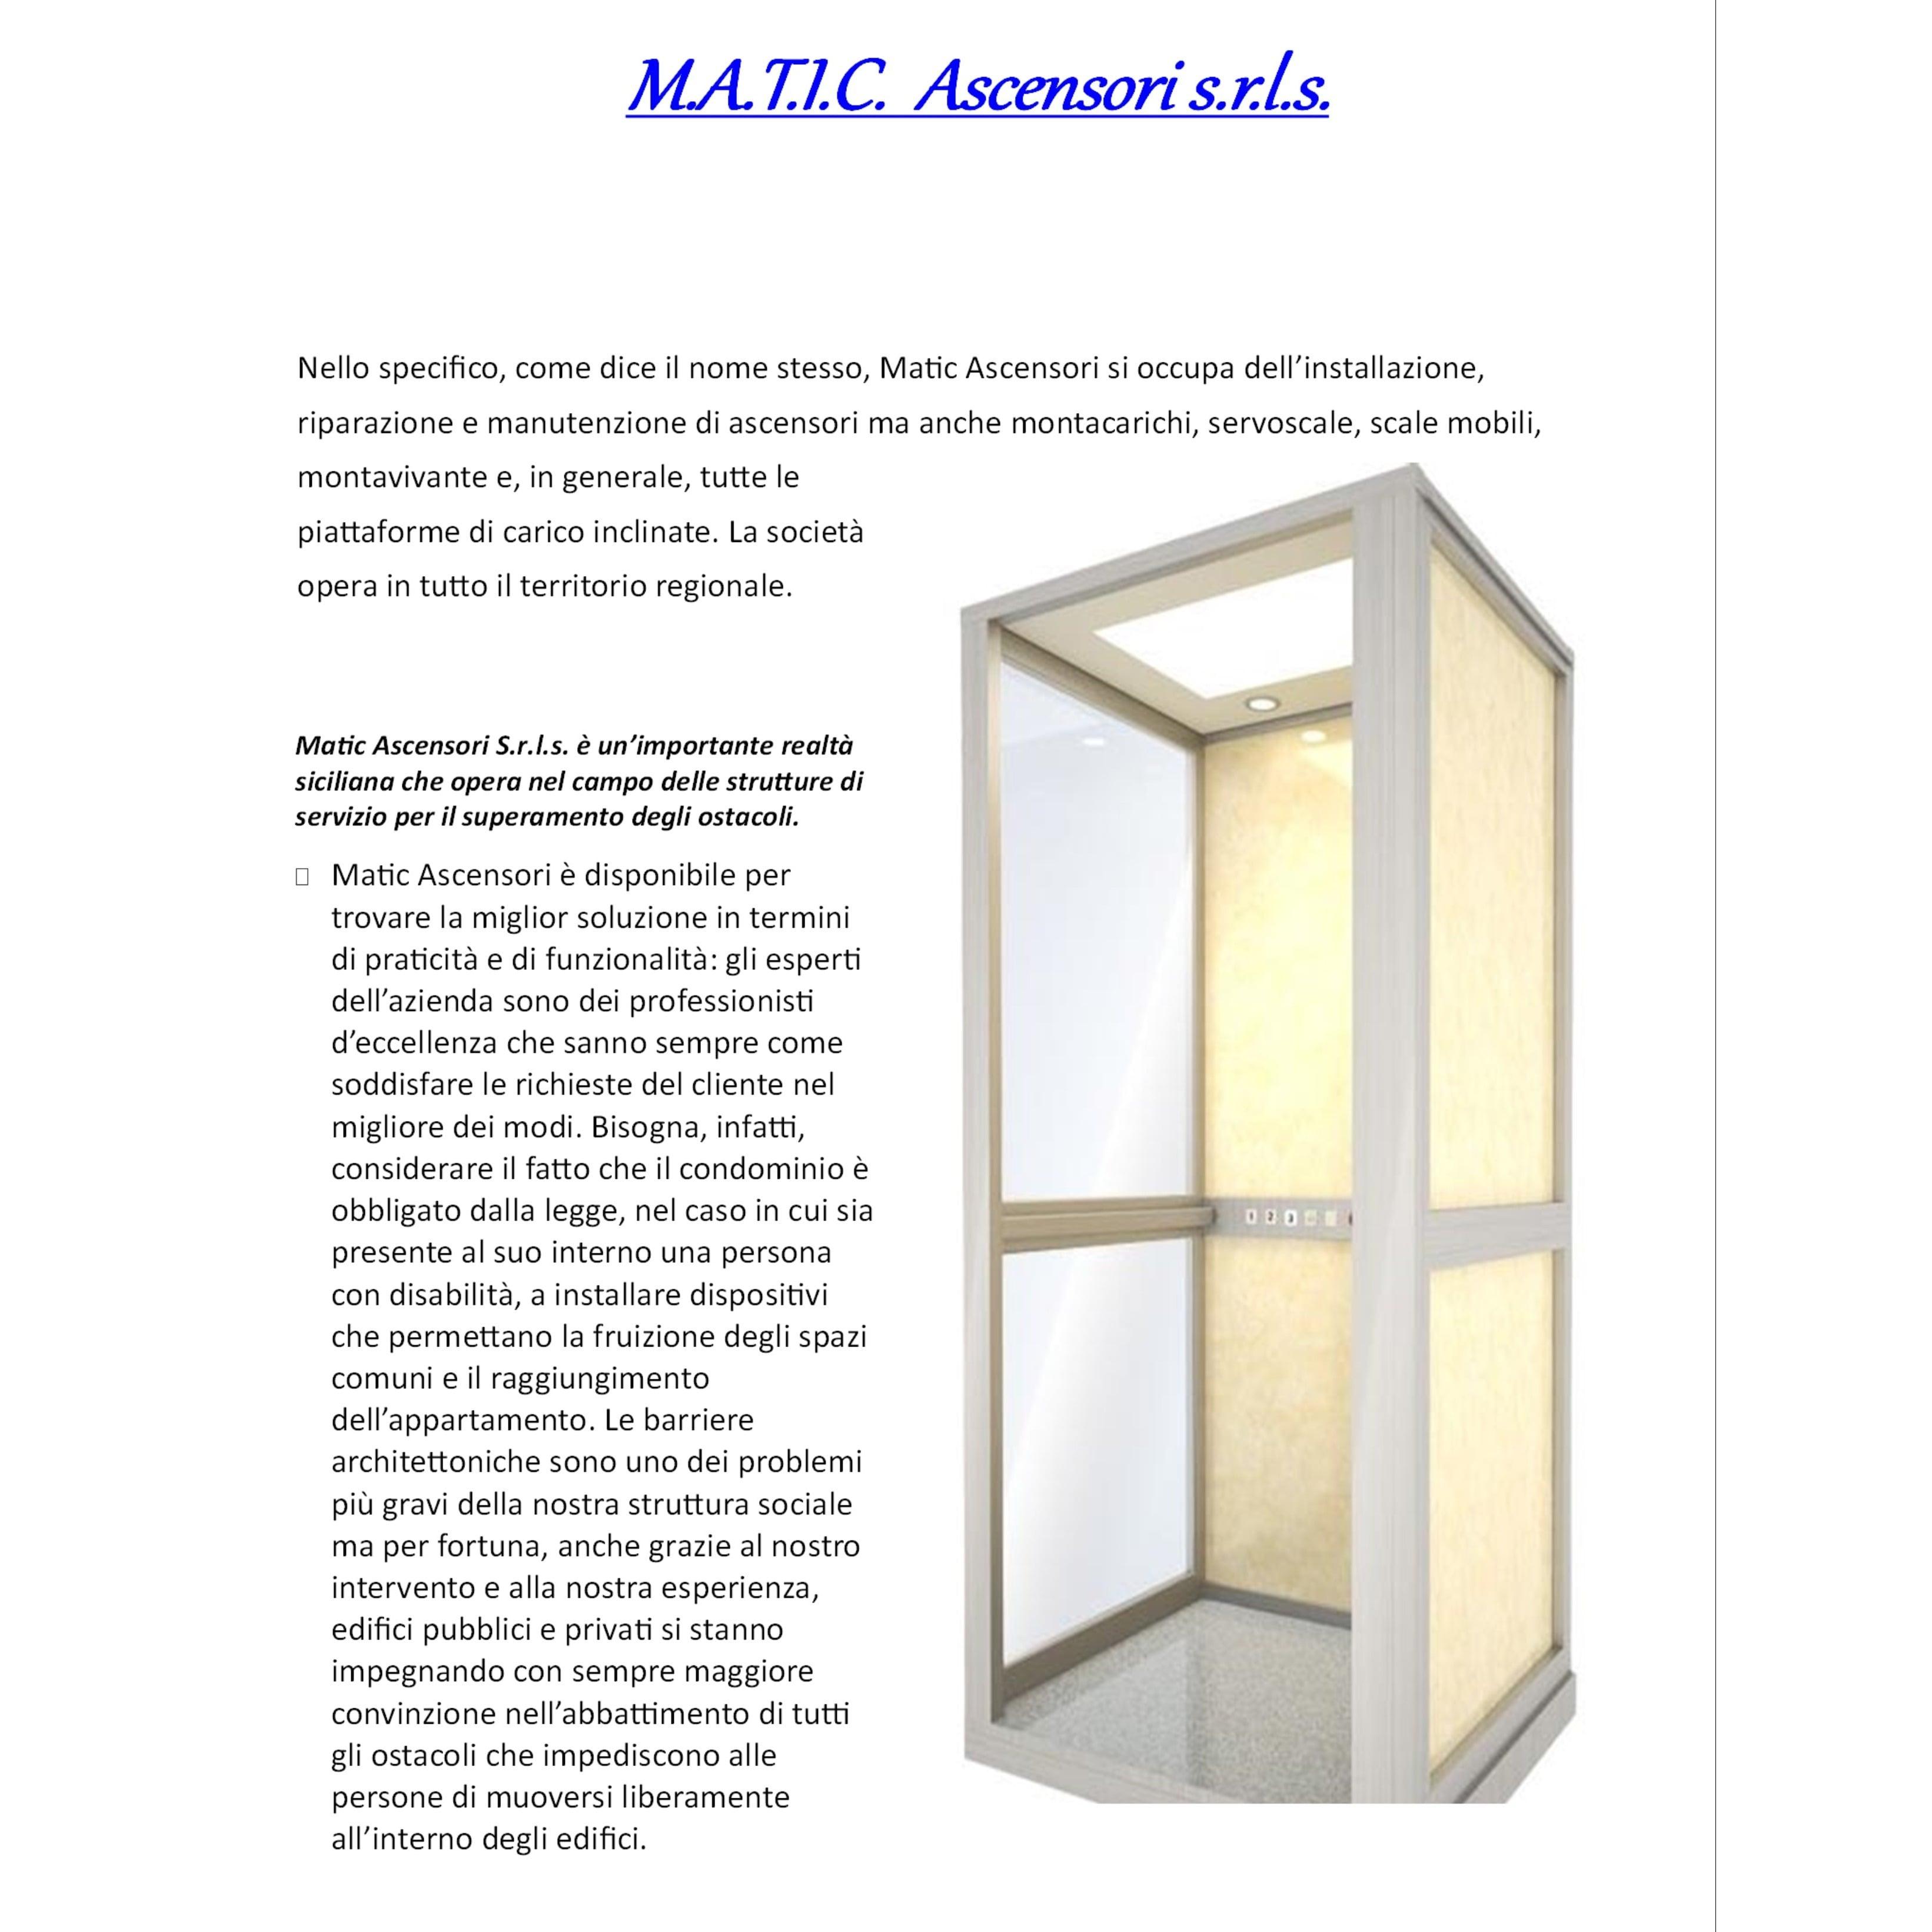 Costo Ascensore Interno 3 Piani i migliori 41 tecnici per ascensori a catania (con